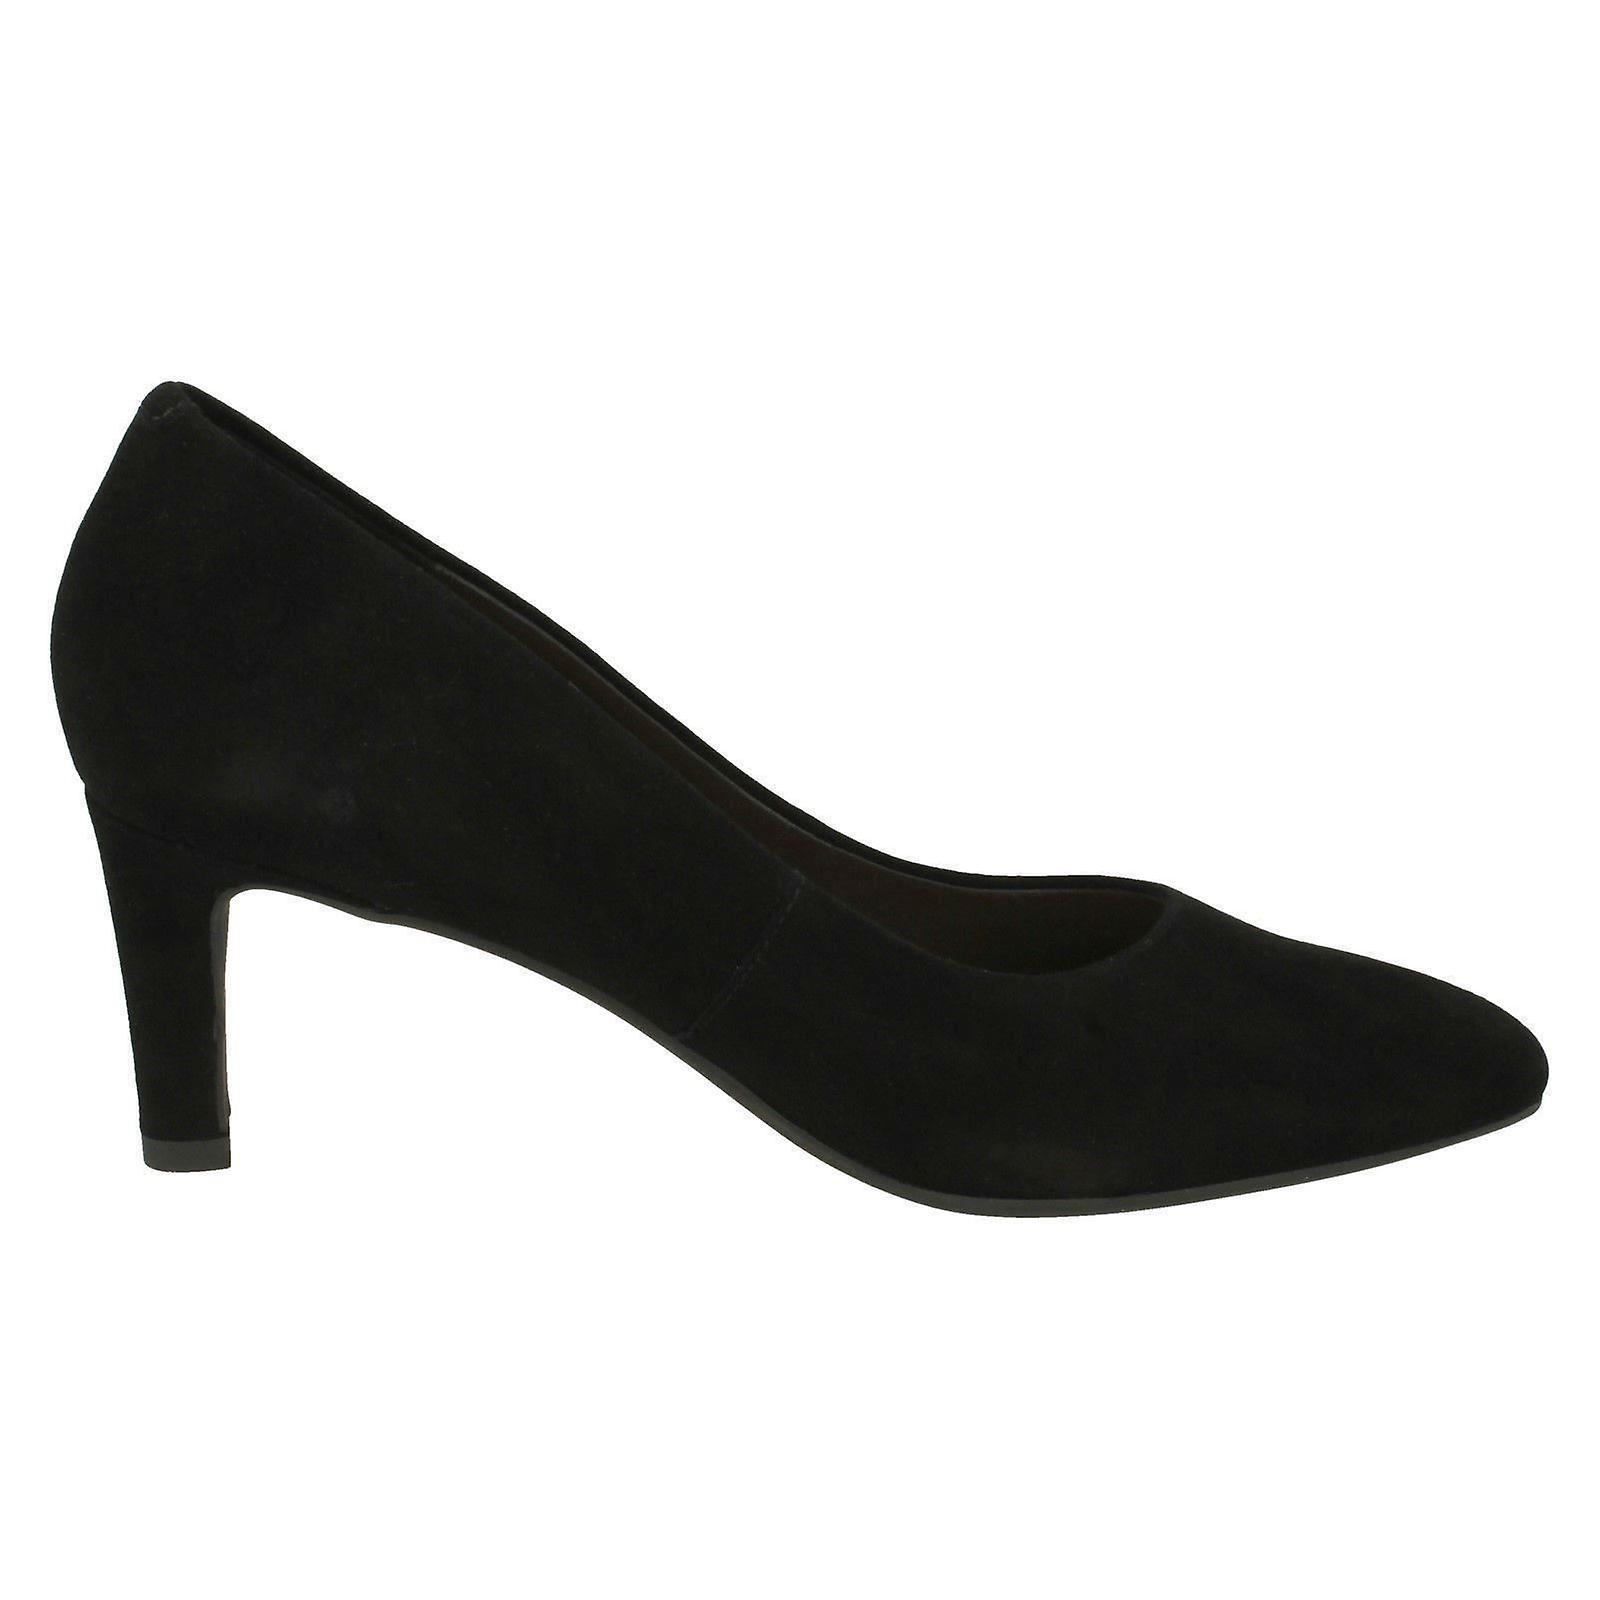 Damer Clarks tekstureret Domstolen sko Calla Rose - sort ruskind - UK størrelse 7,5 D - EU størrelse 41,5 - US størrelse 10M